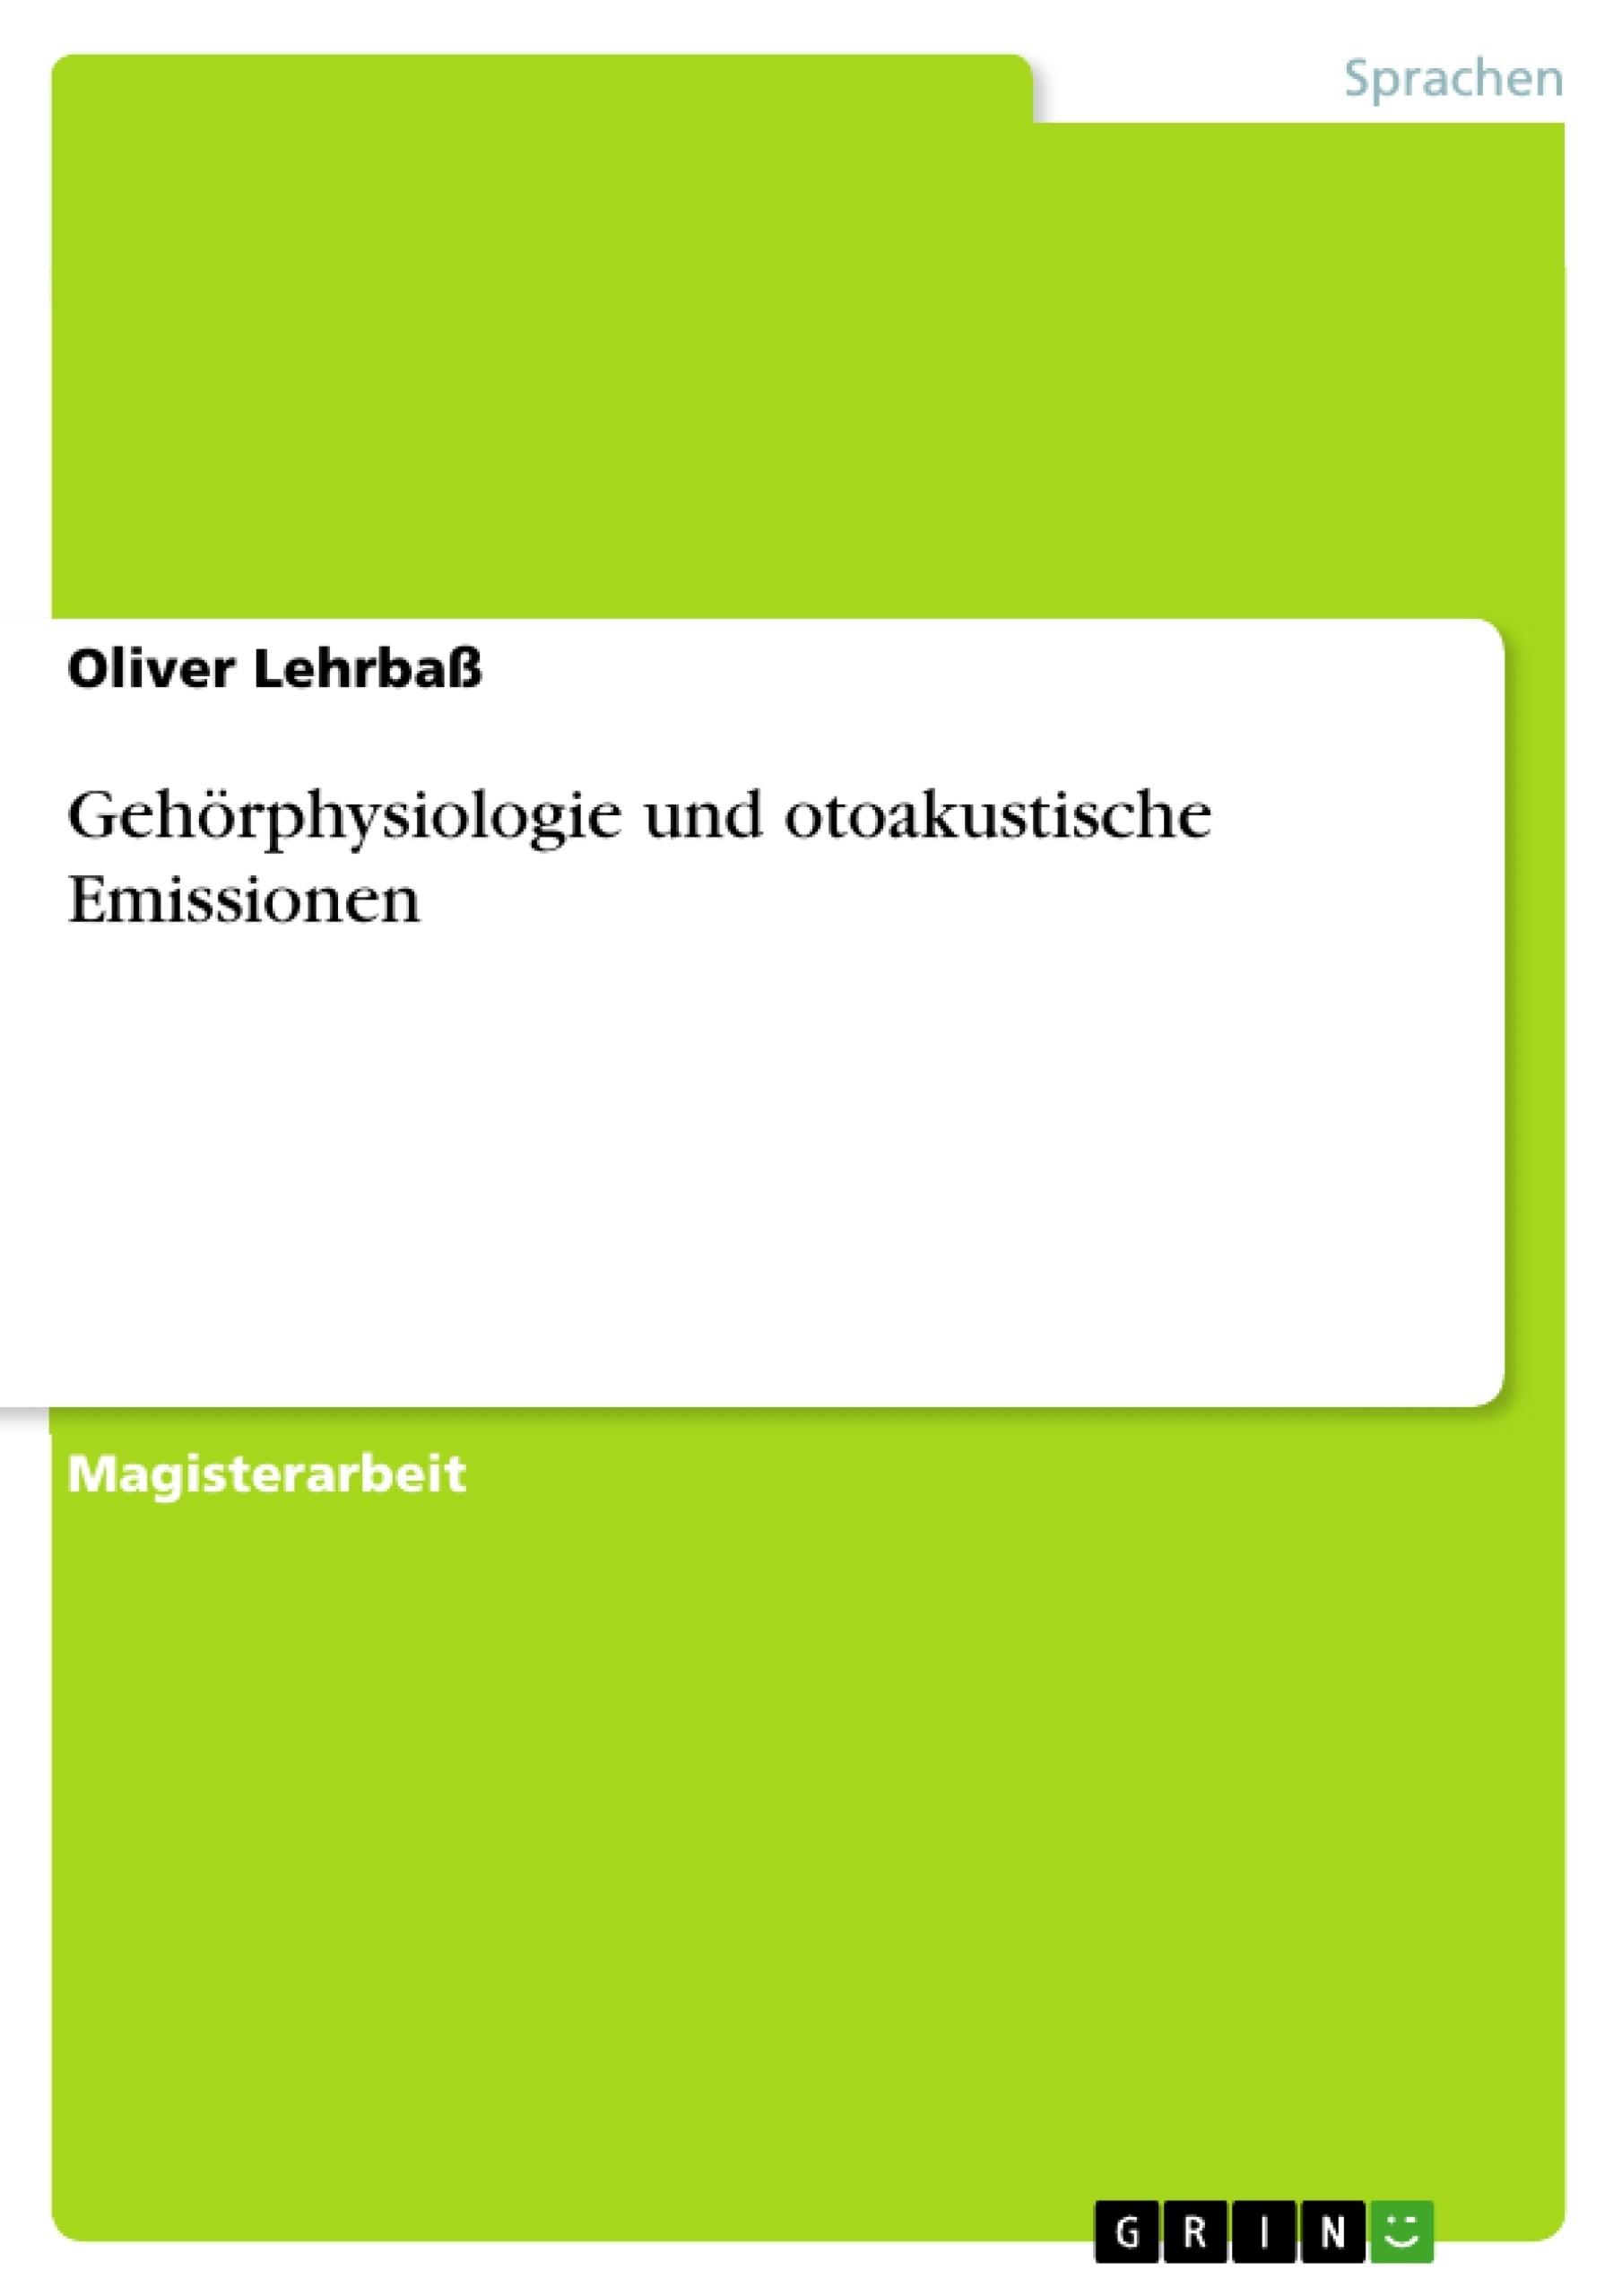 Gehörphysiologie und otoakustische Emissionen | Masterarbeit ...